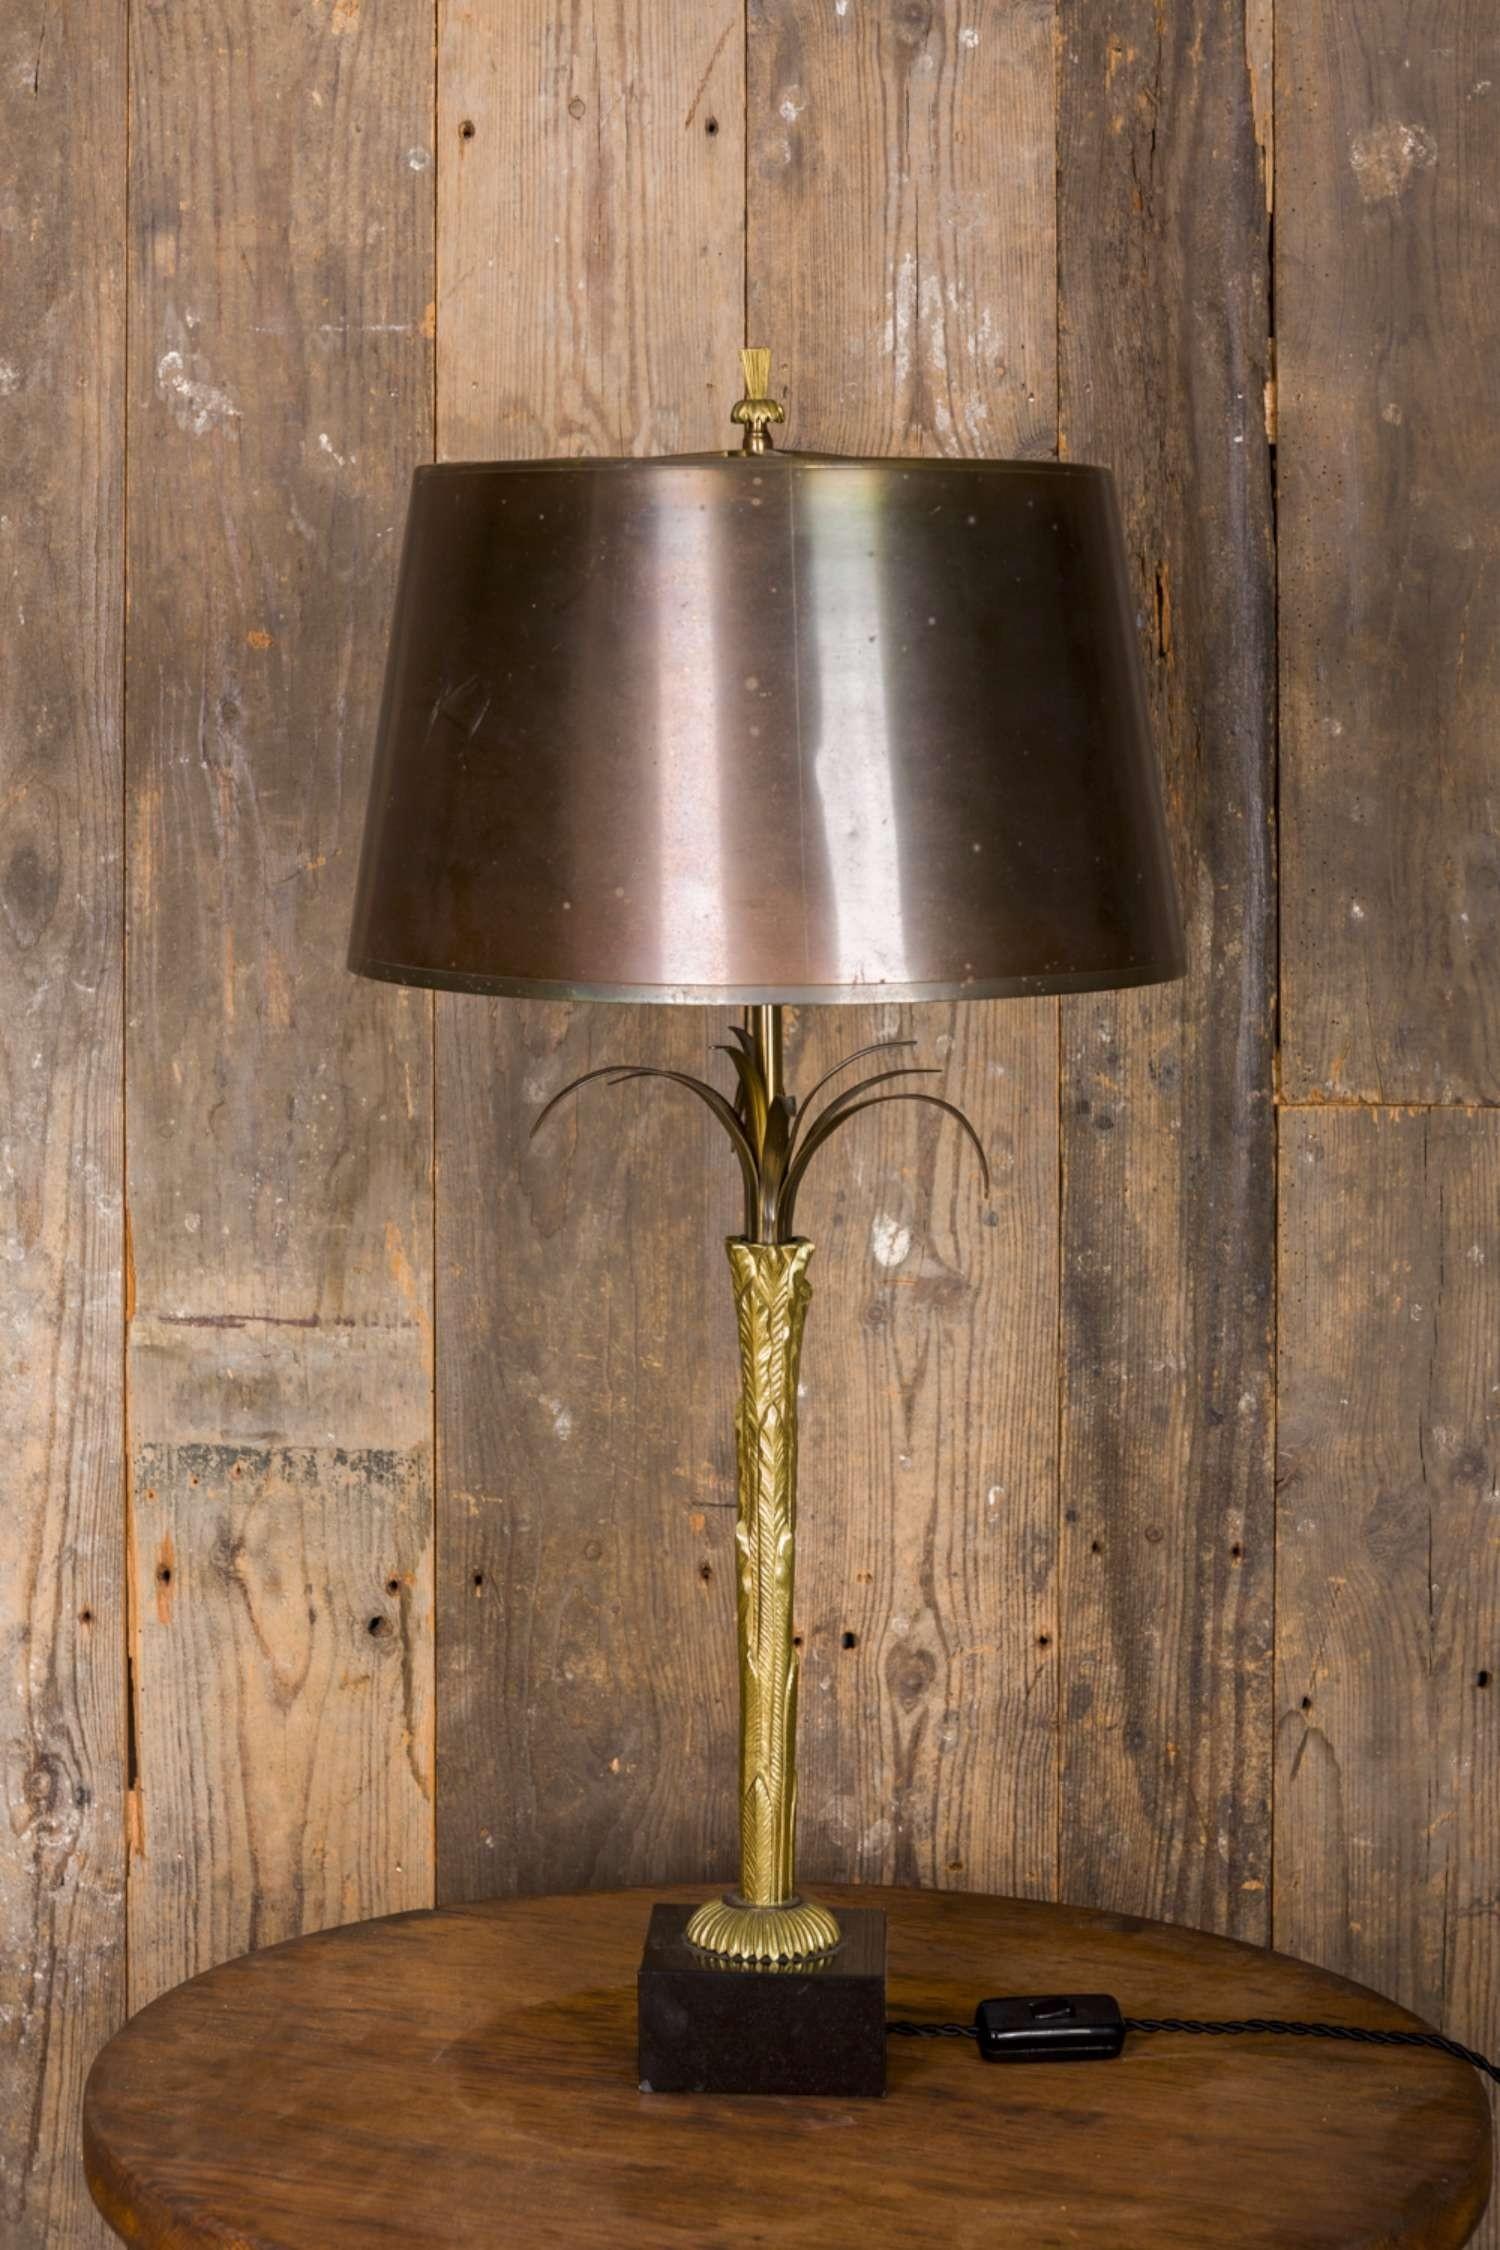 Maison Charles bronzen schemerlamp